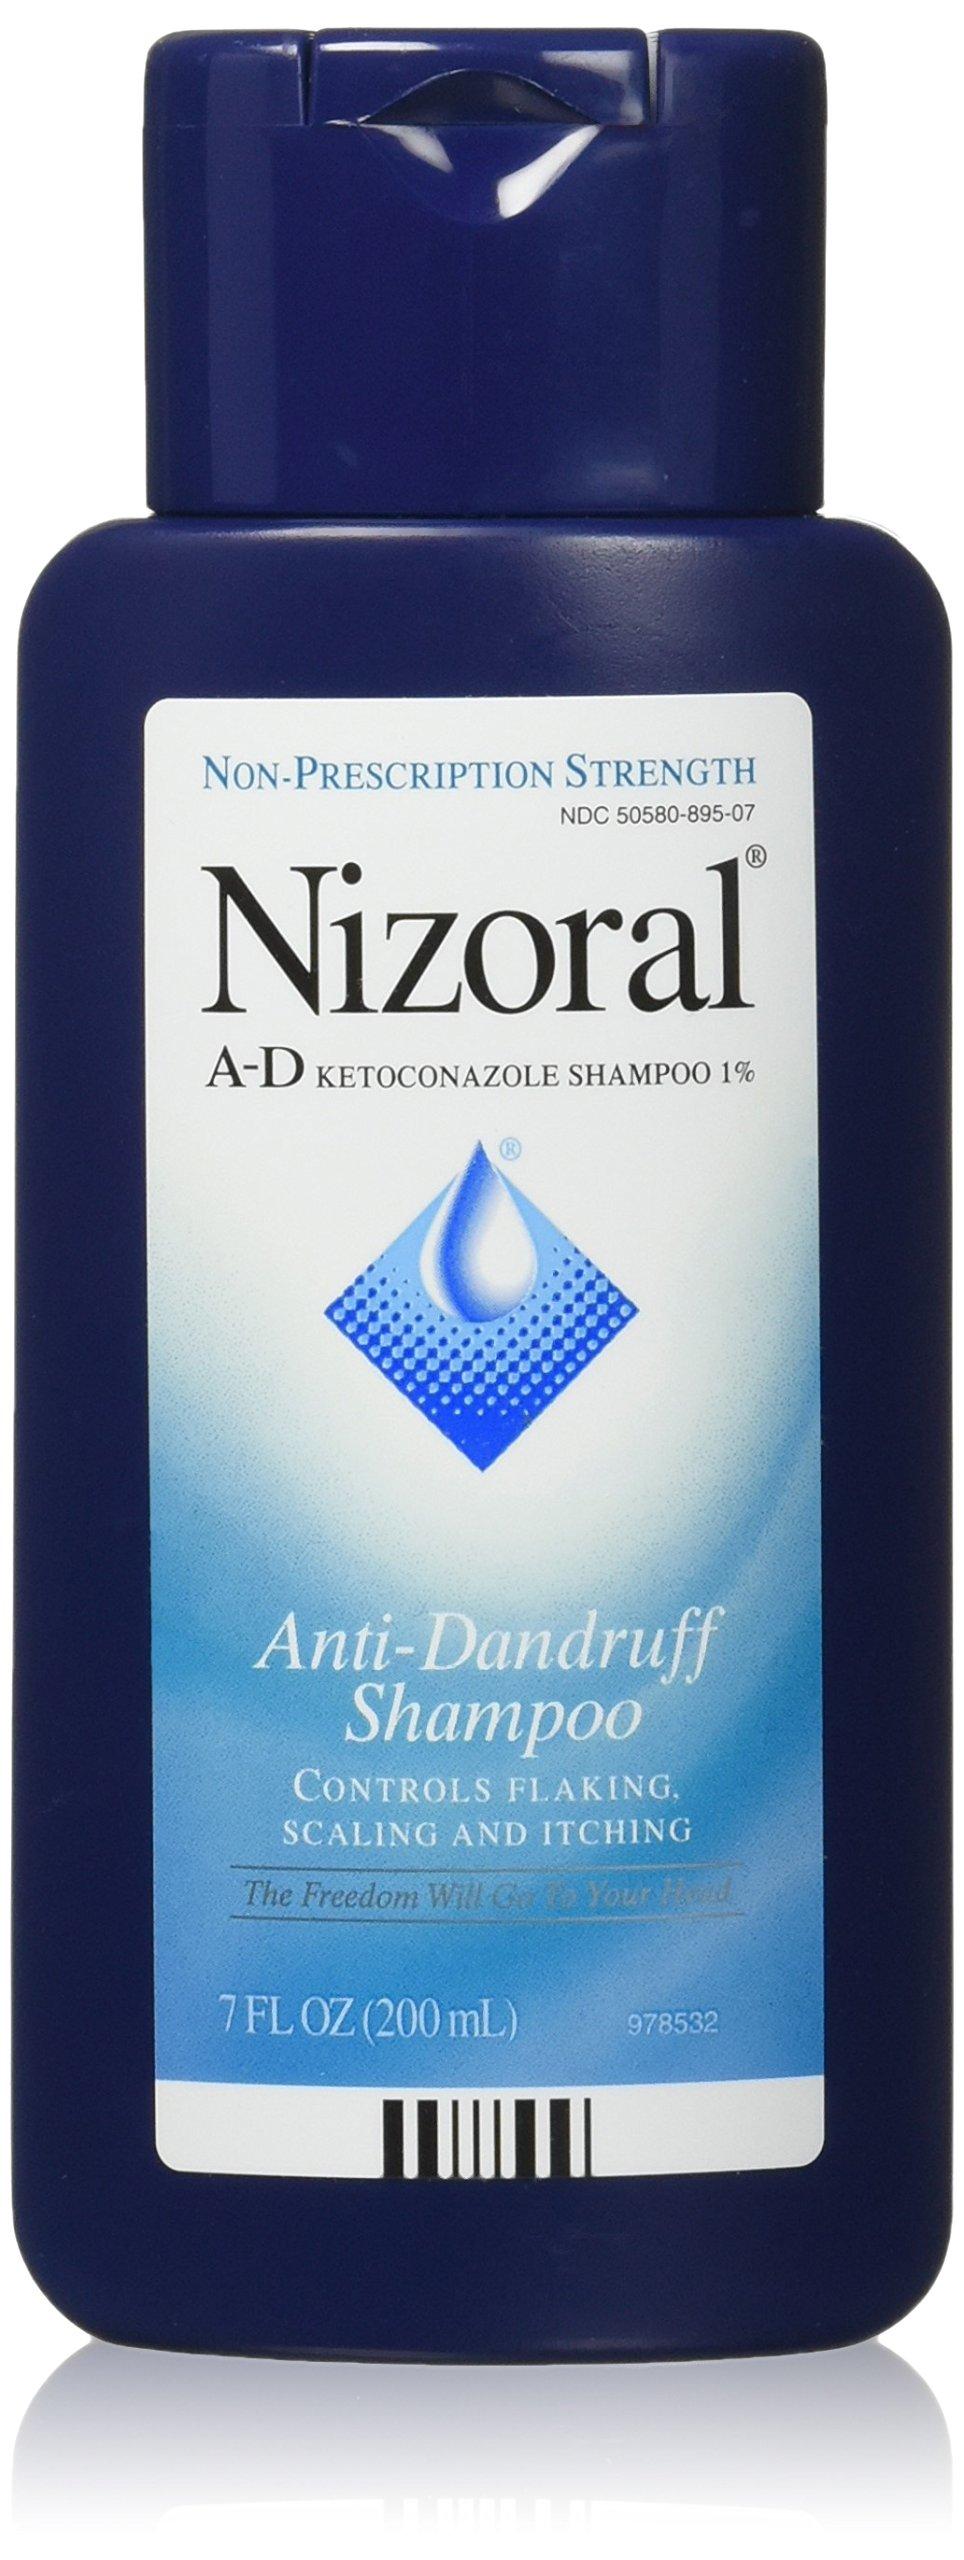 Nizoral A-D Anti-Dandruff Shampoo, 7.0 oz